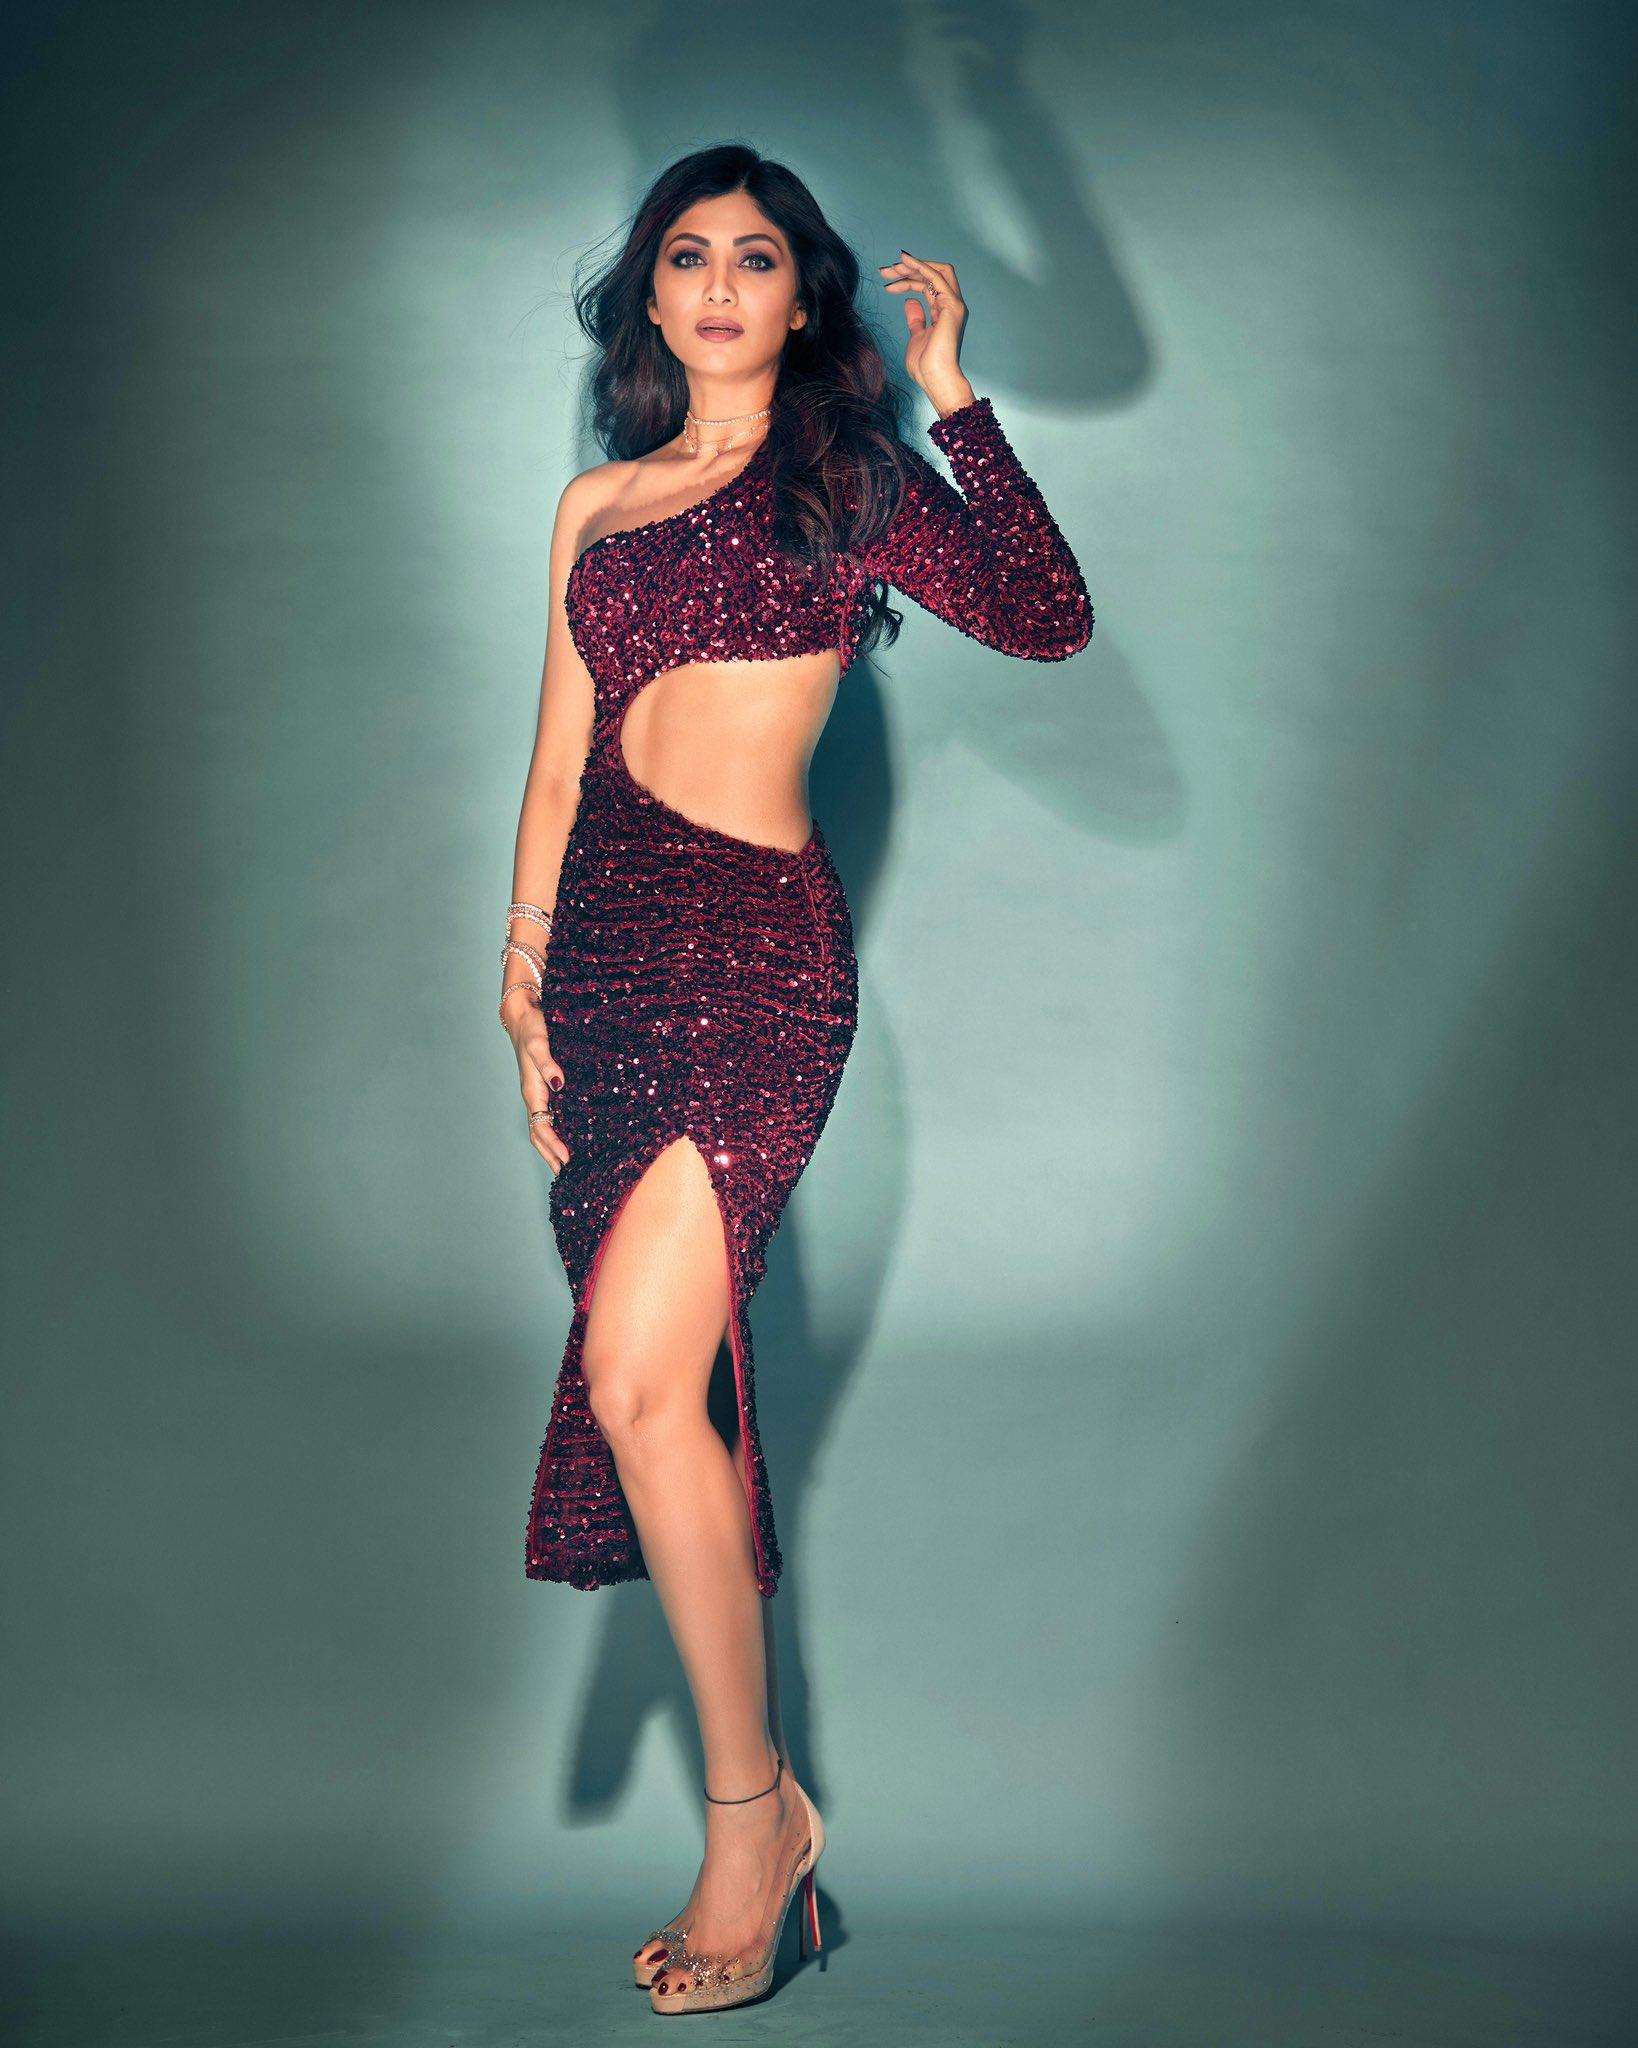 Shilpa Shetty Hd Wallpaper Download